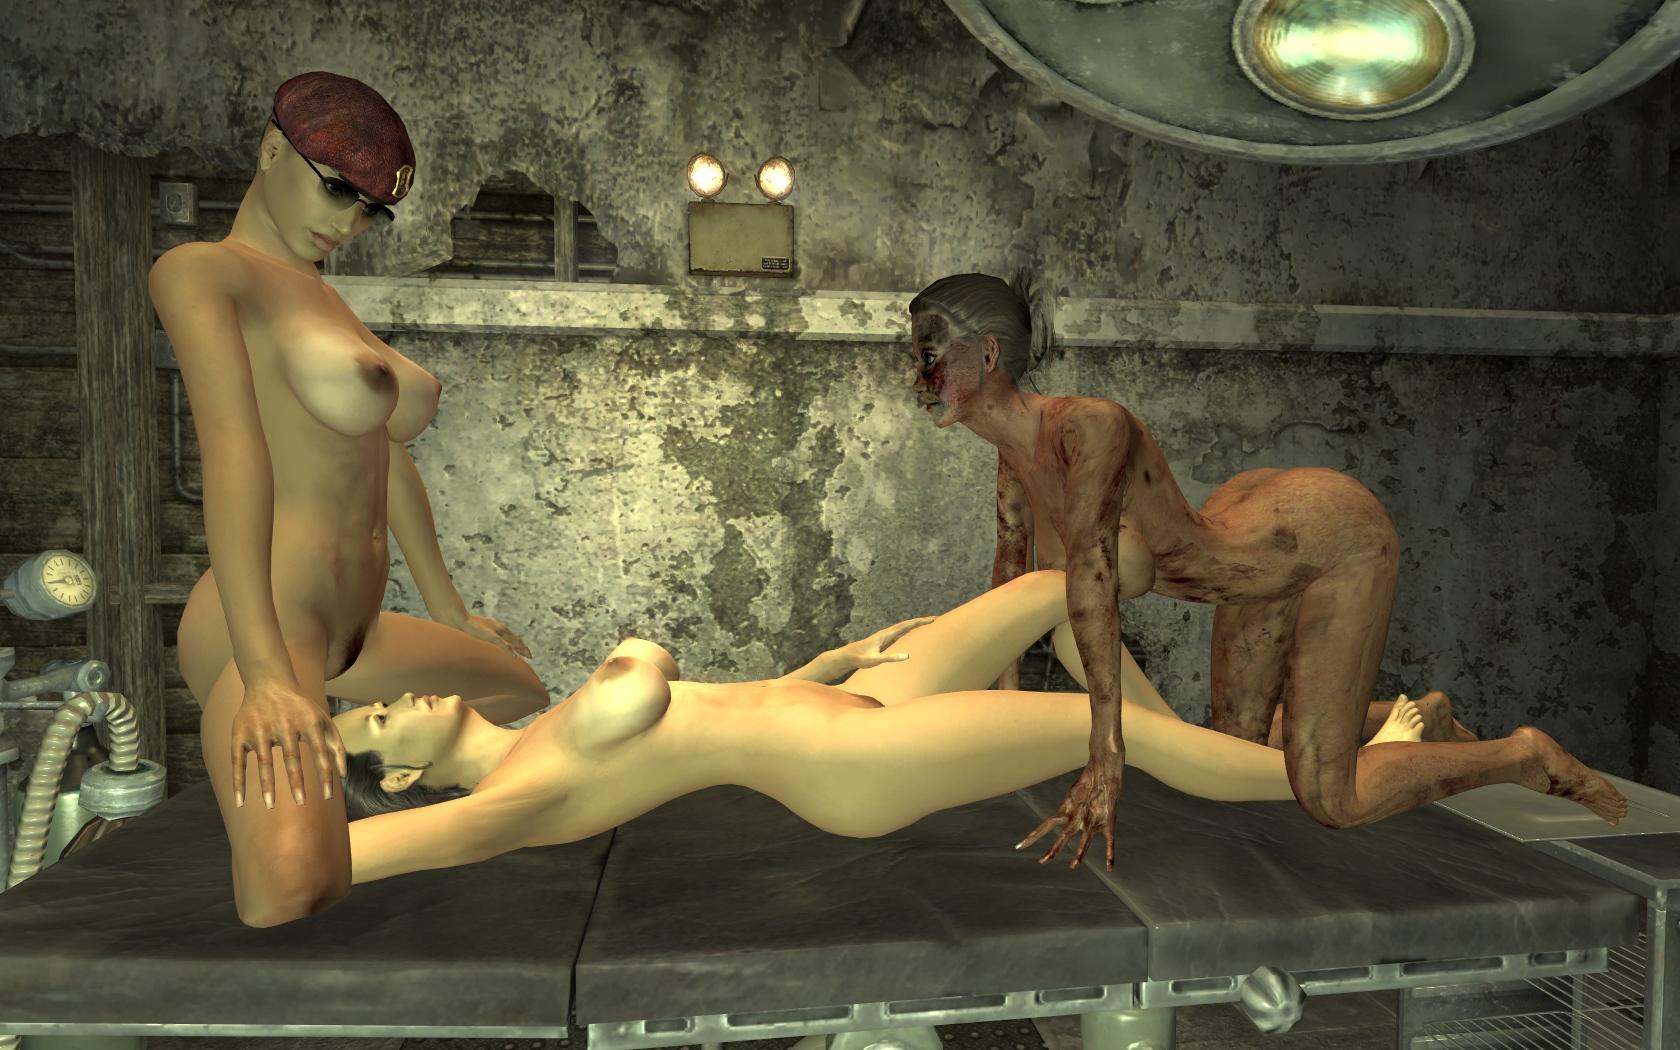 Фаллаут порно фото, Порно Арты Falloutфотографий ВКонтакте 18 фотография